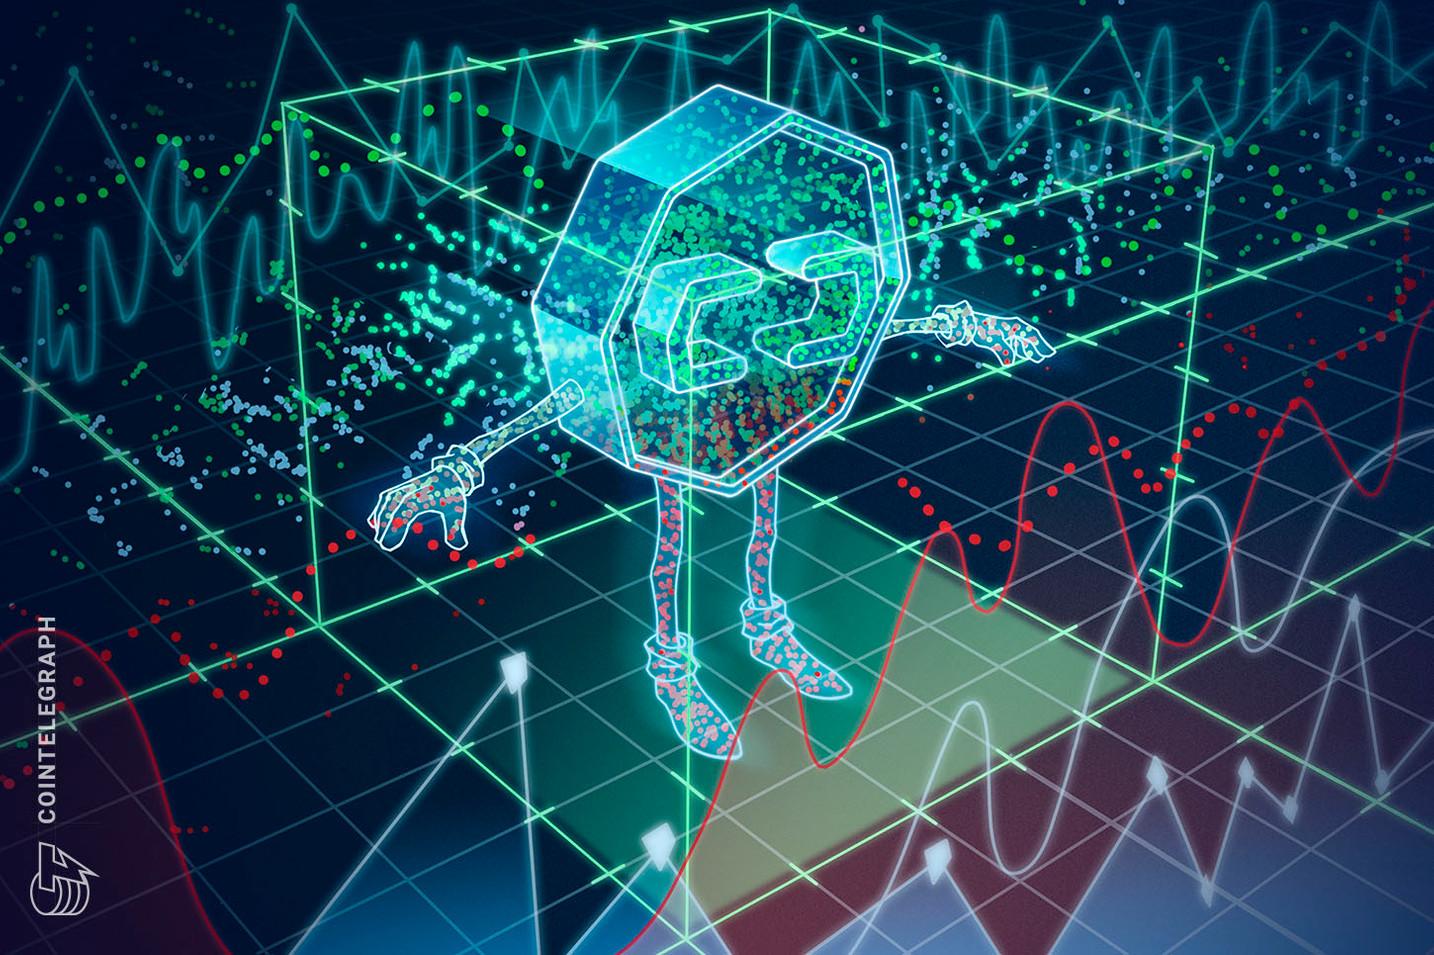 """Criptomonedas son """"en gran parte utilizable solo por desarrolladores"""" dice el Wall Street Journal"""